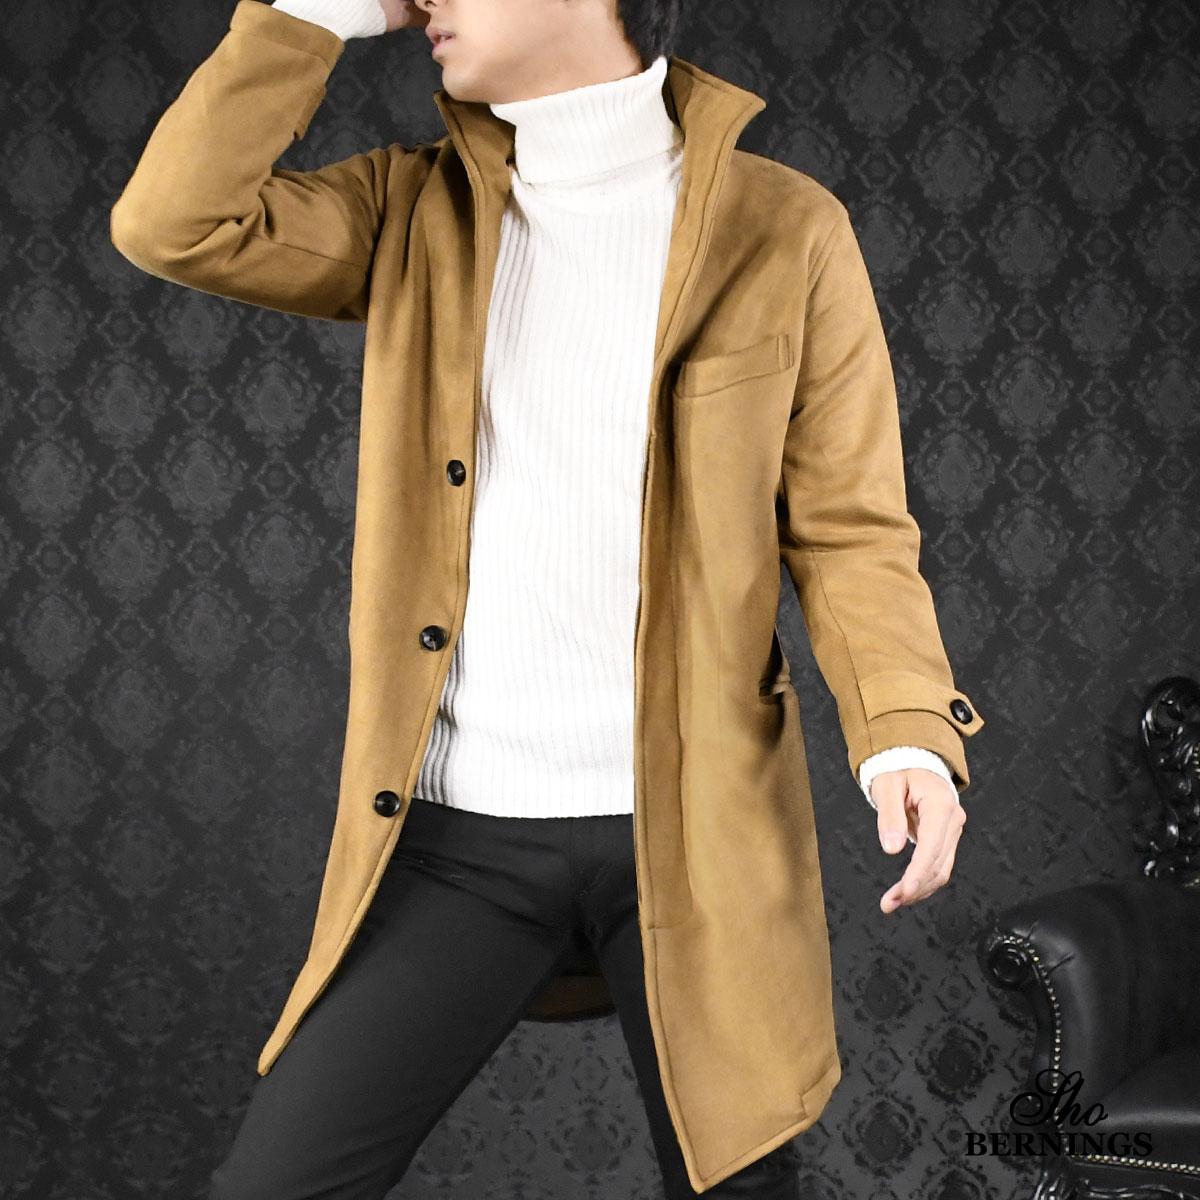 コート イタリアンカラー フェイクスウェード メンズ ロング丈 ロングコート mens(ベージュ茶)